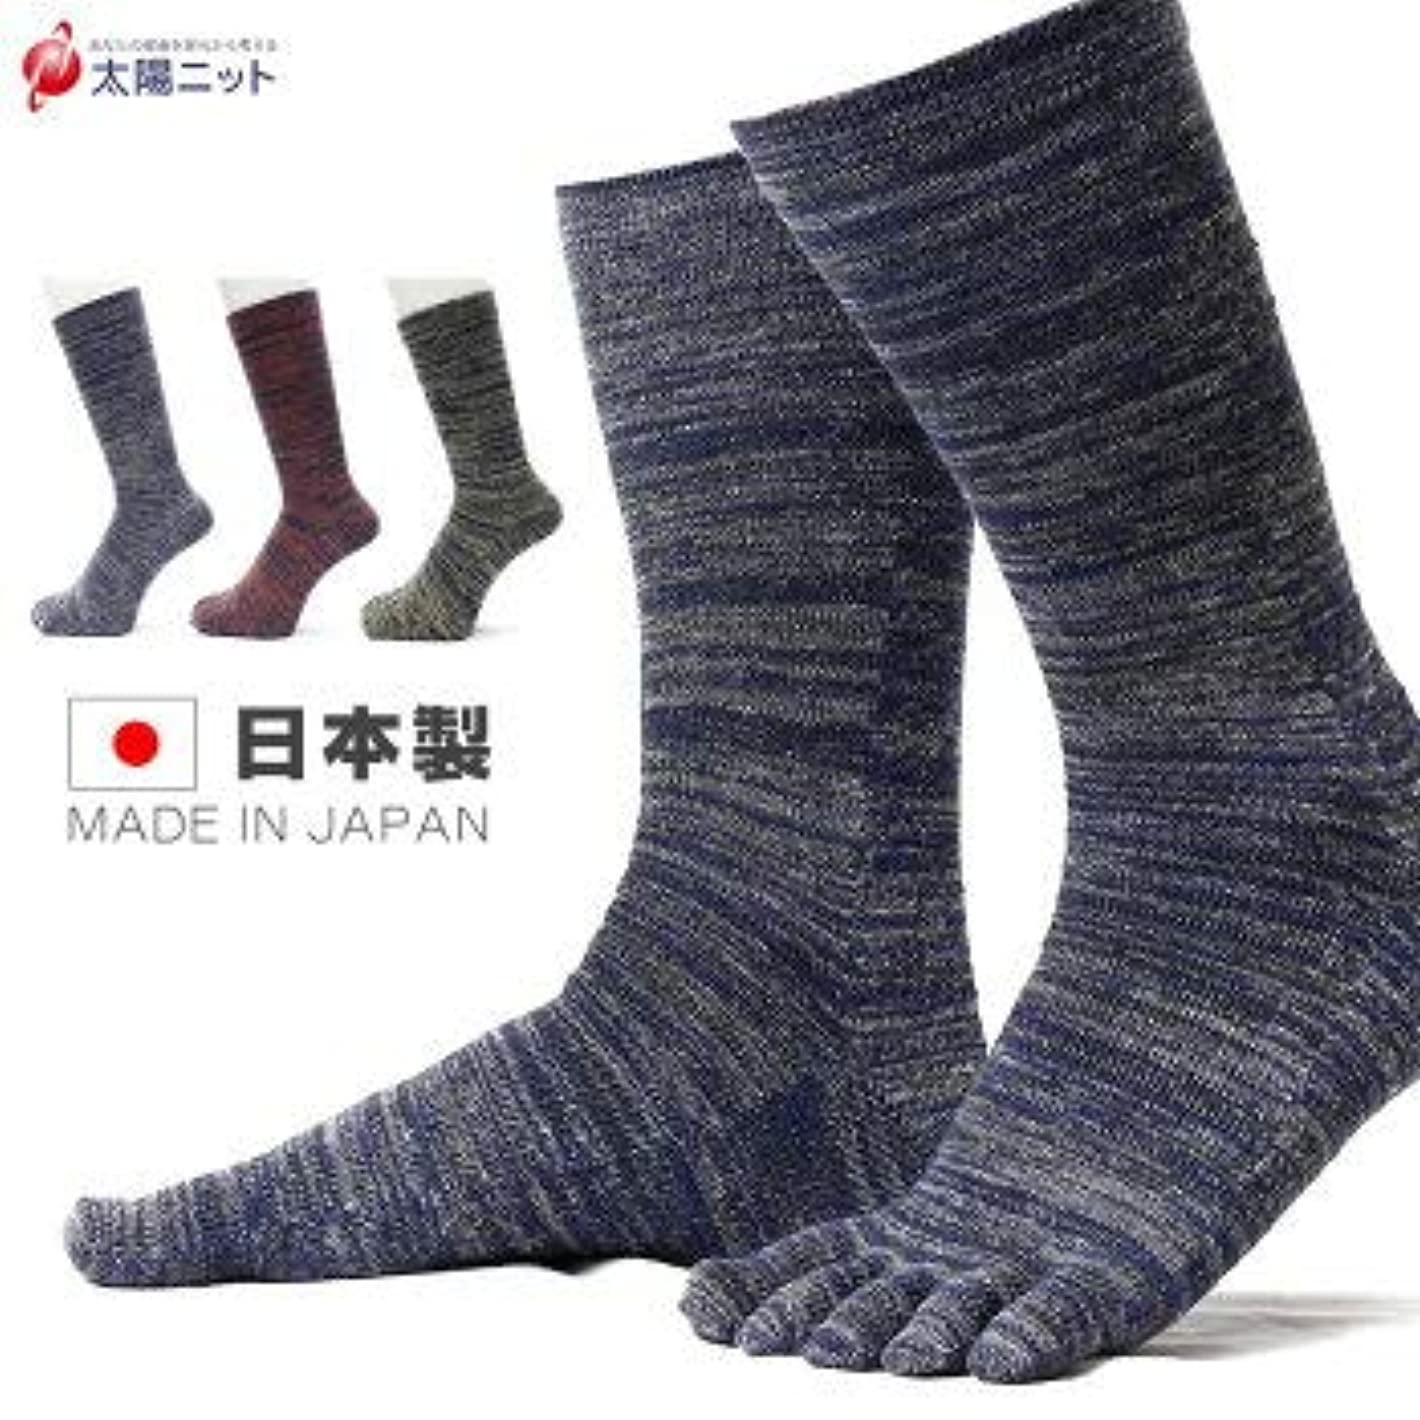 一貫性のない増強似ている靴下職人のこだわり メンズ スラブ調 5本指靴下 25-27㎝ 太陽ニット 366 (ネイビー)